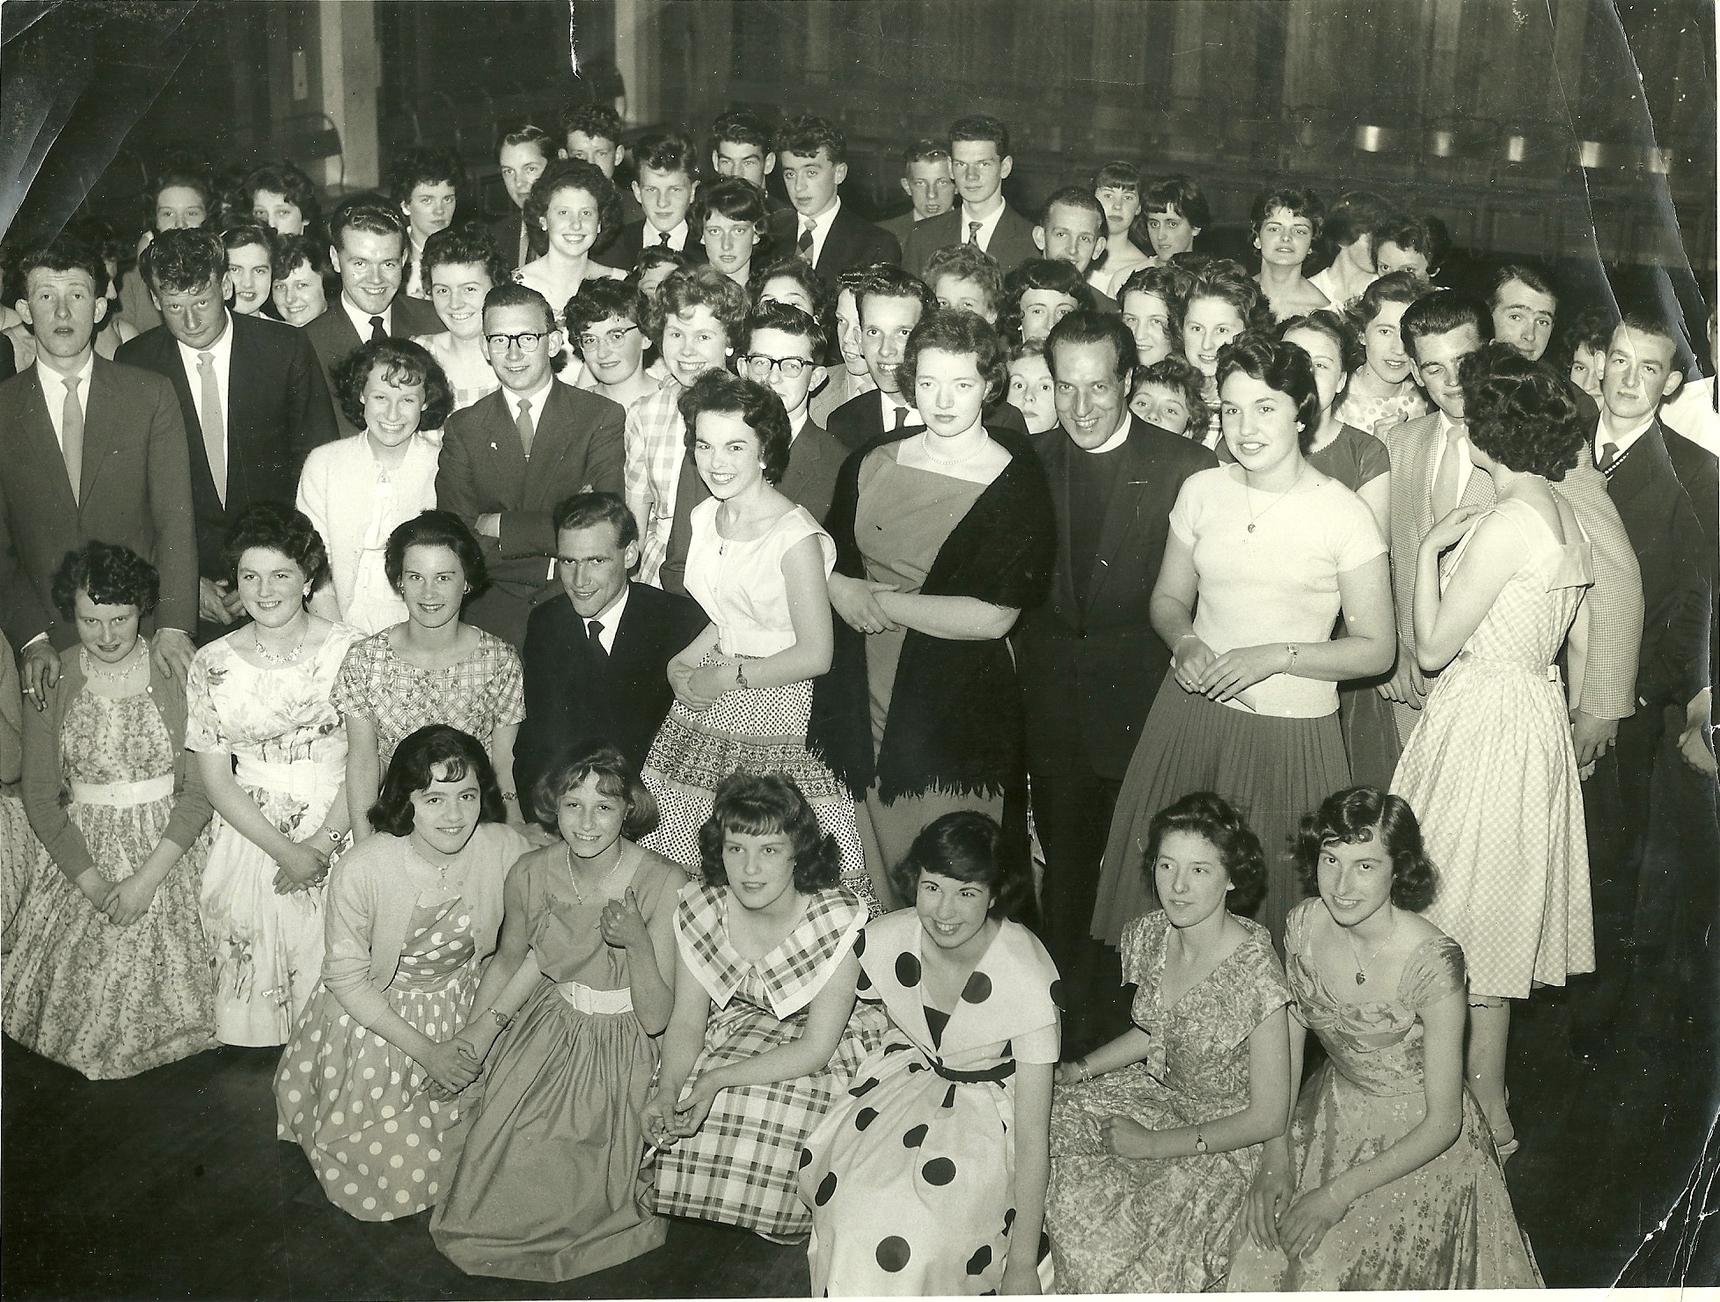 St Nicholas Church Youth Club Dance 1961